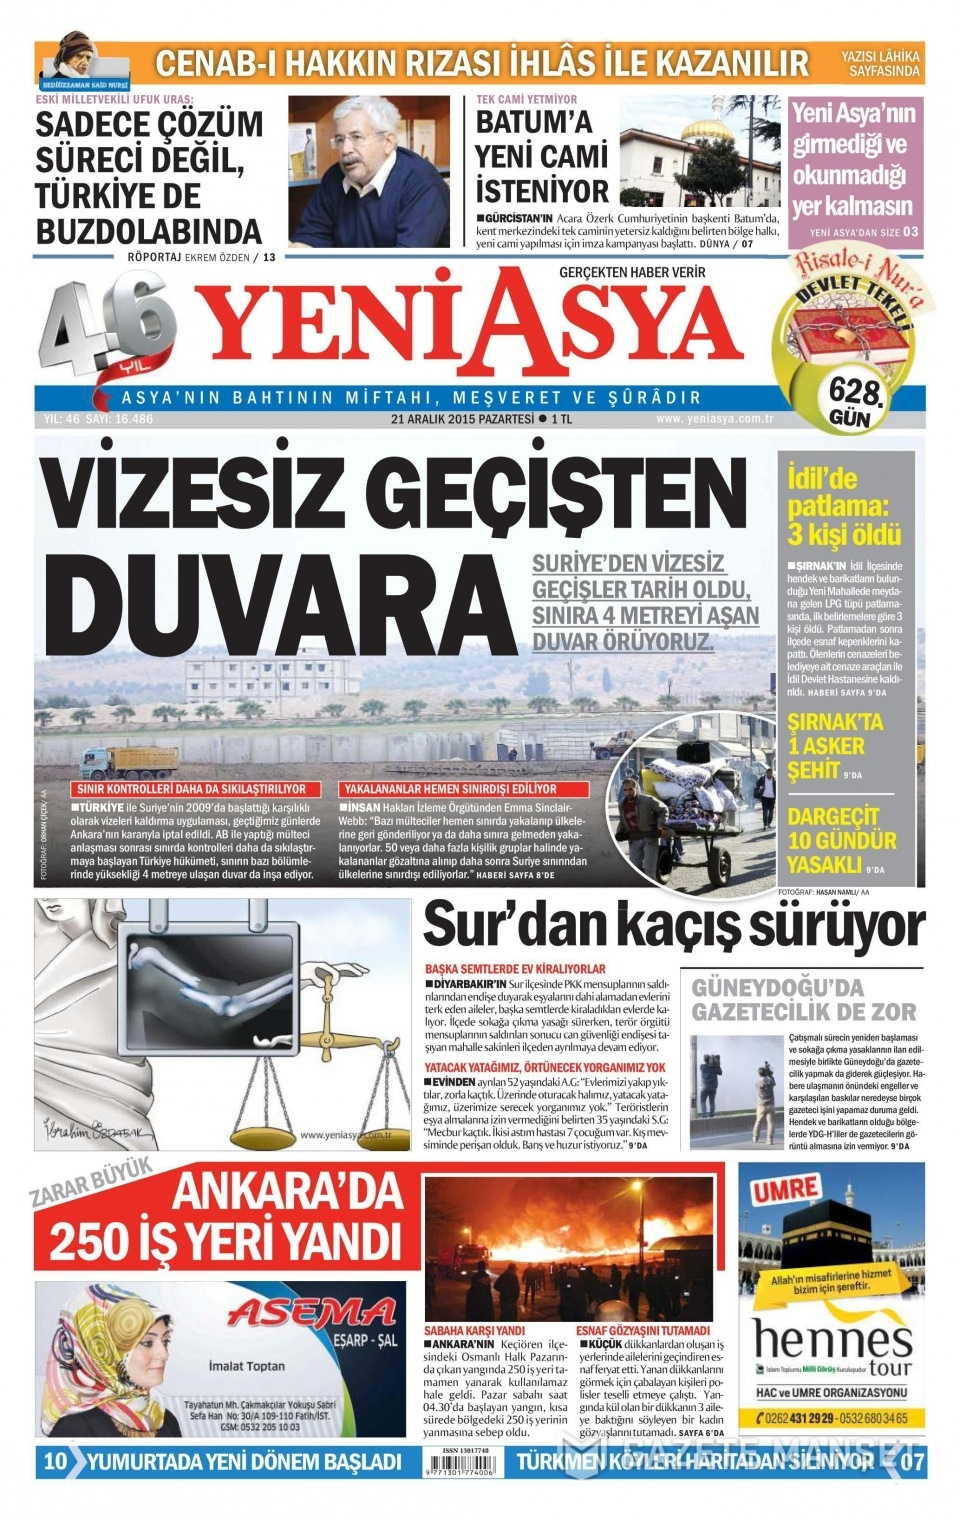 21 Aralık 2015 gazete manşetleri 22